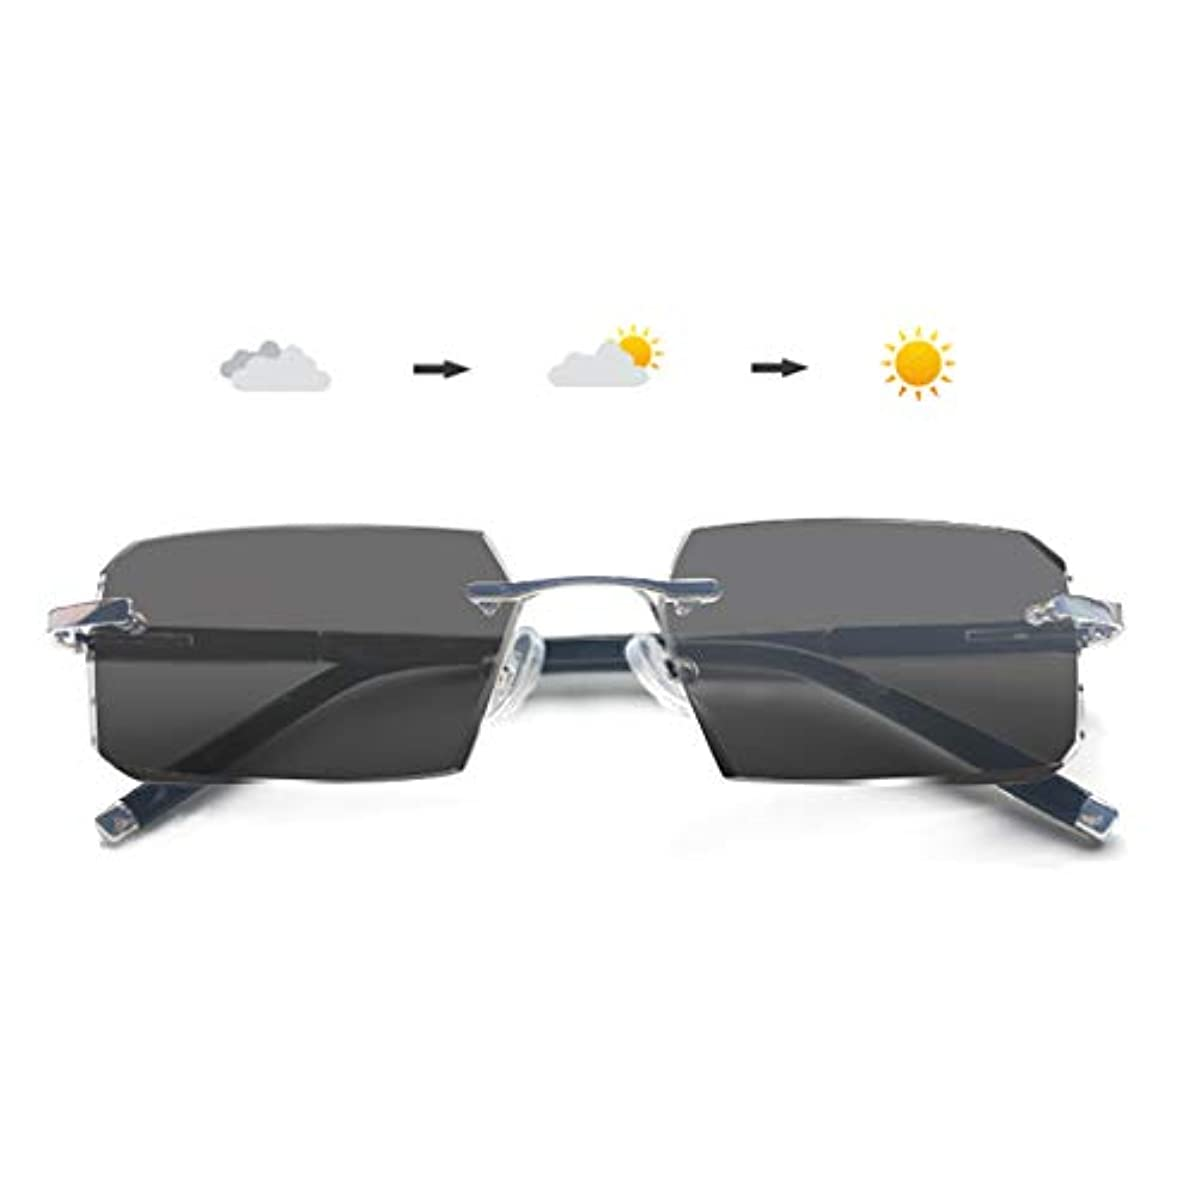 厚くするかりて実用的男性と女性のための老眼鏡、フォトクロミック老眼鏡、ダイヤモンドのトリミングフレームレス抗疲労高齢者の読書虫眼鏡(+1.0から+3.0)